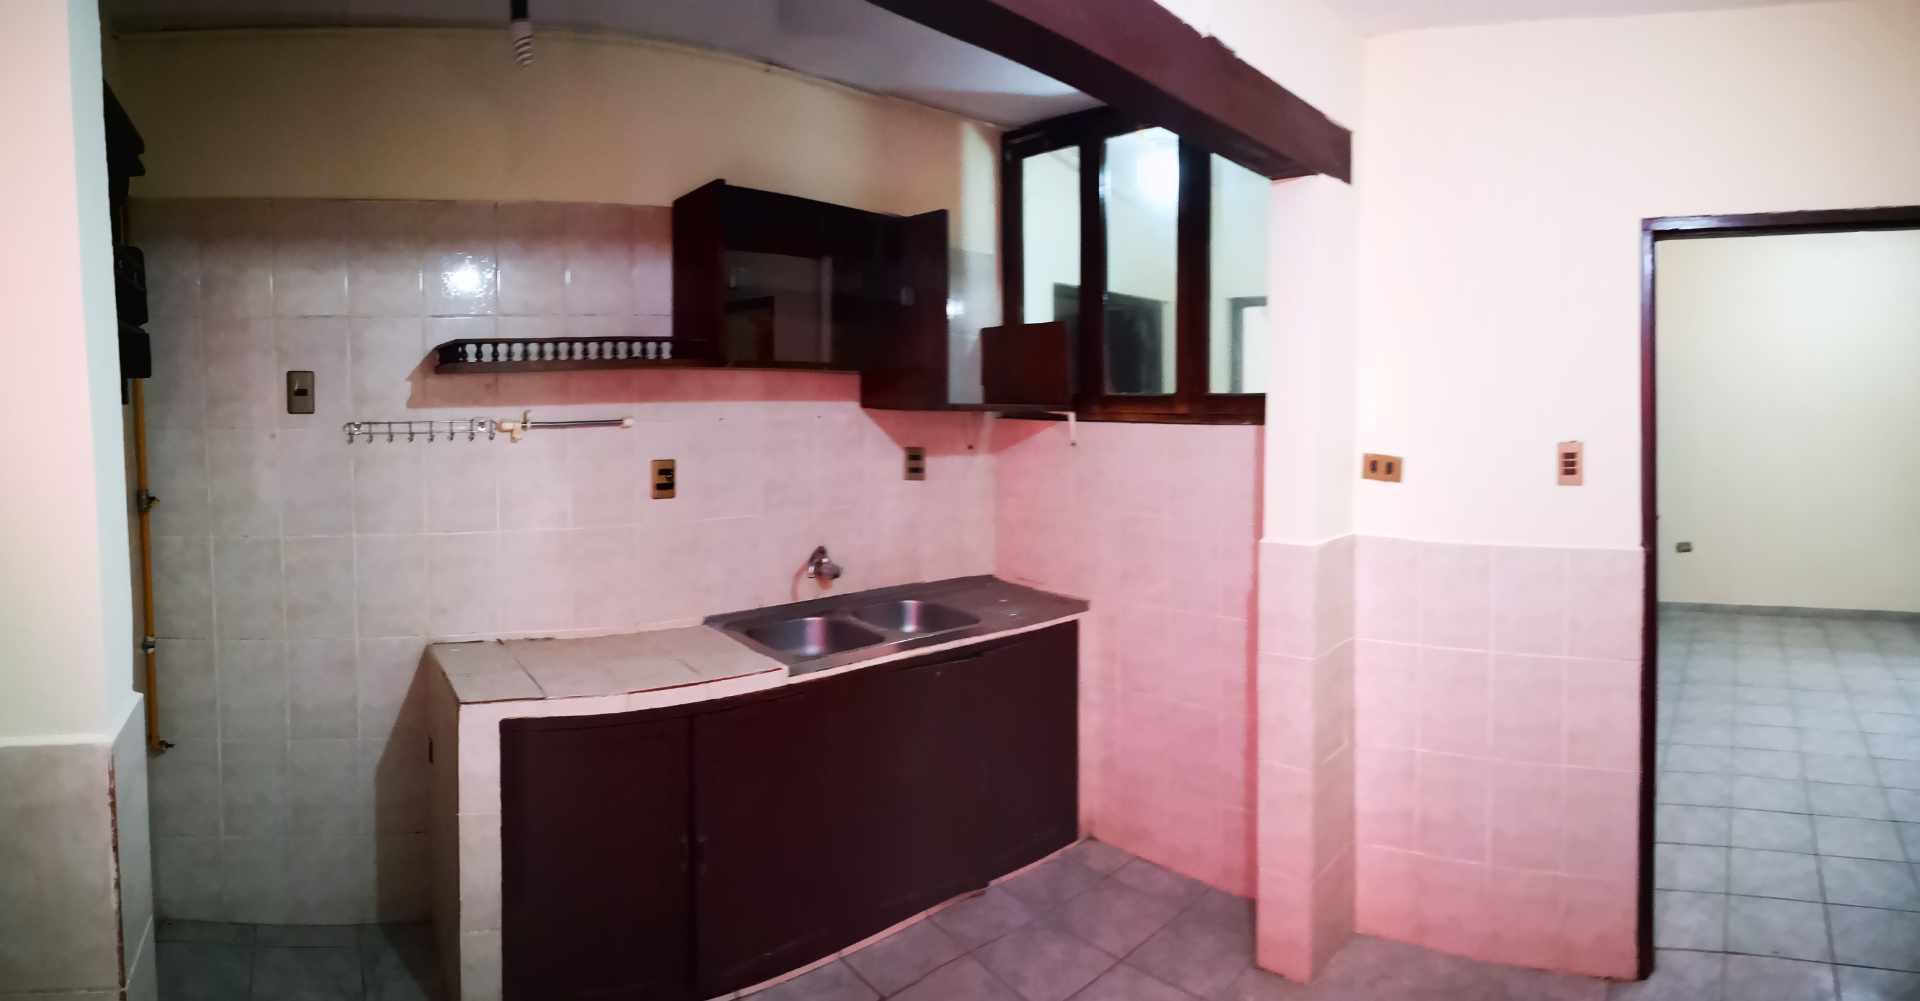 Casa en Alquiler Entre 4to y 5to anilo, entre Radial 10 y Av Sudamericana Calle Asoka Foto 14